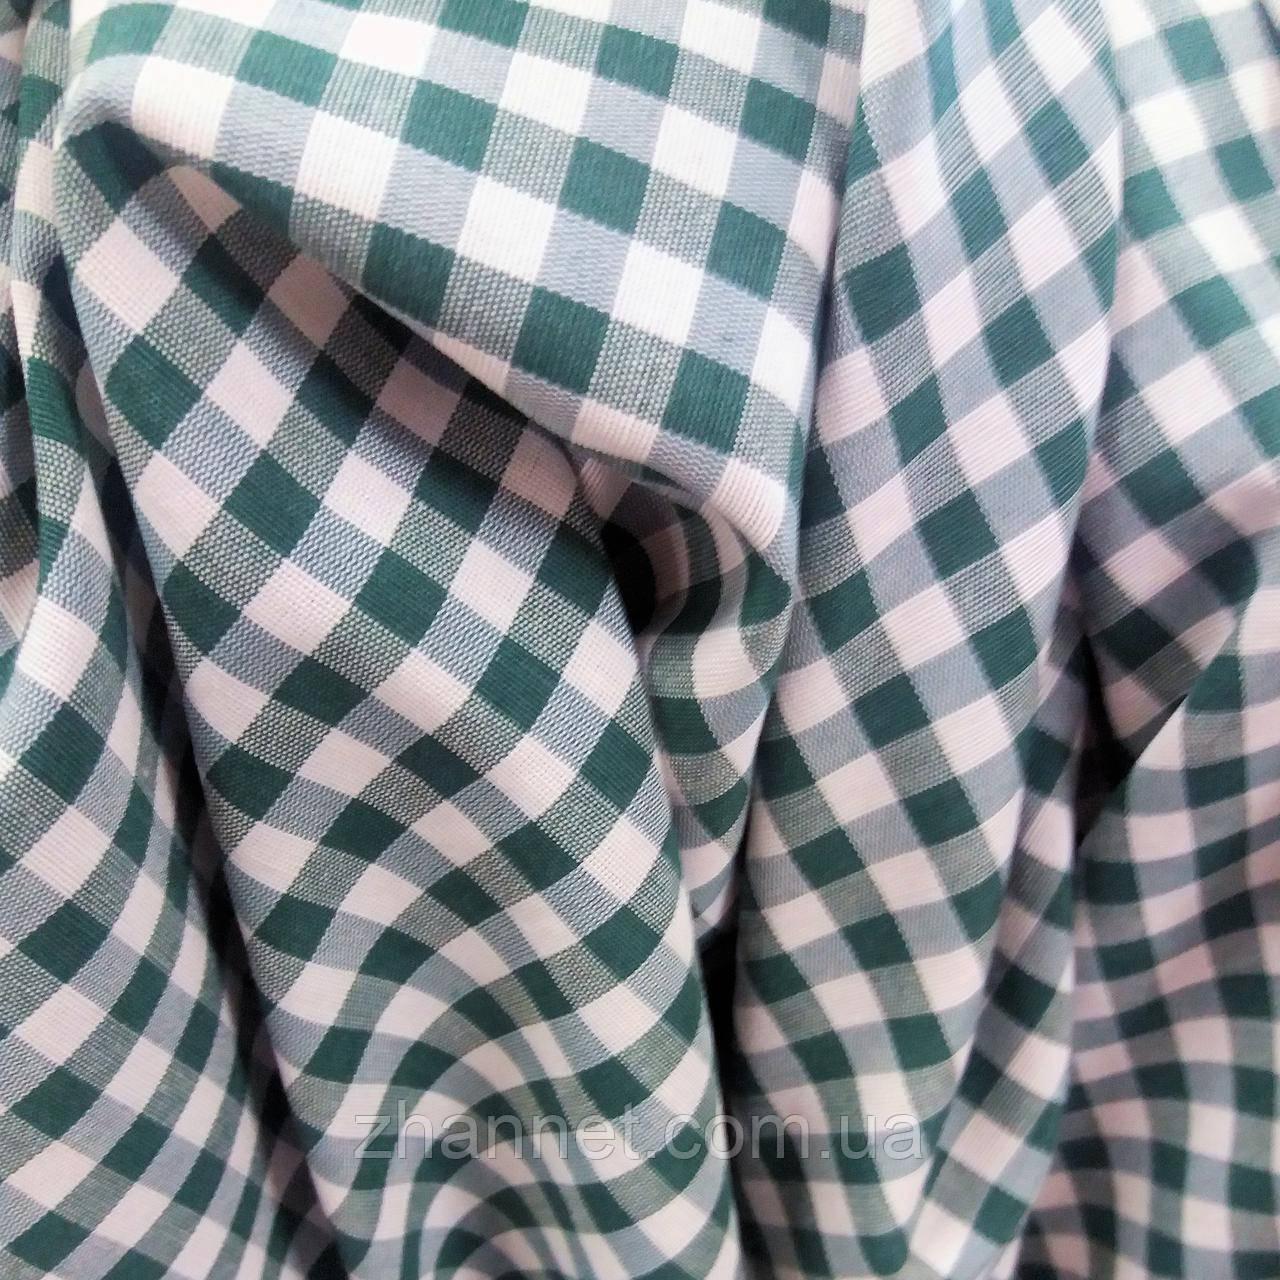 Ткань для скатерти в клетку Пепита зеленый